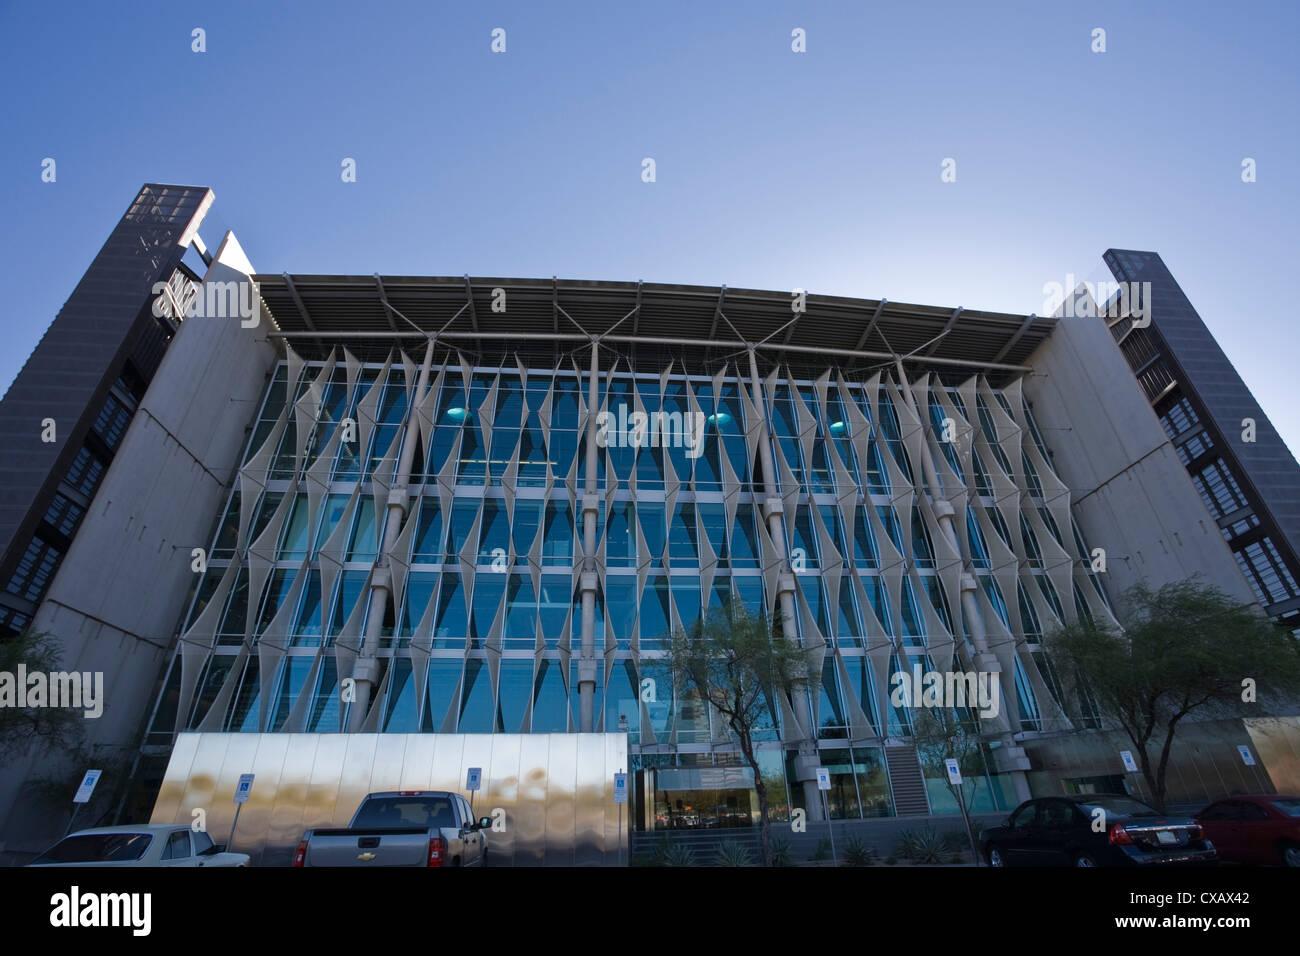 Öffentliche Bibliothek, Phoenix, Arizona, Vereinigte Staaten von Amerika, Nordamerika Stockbild